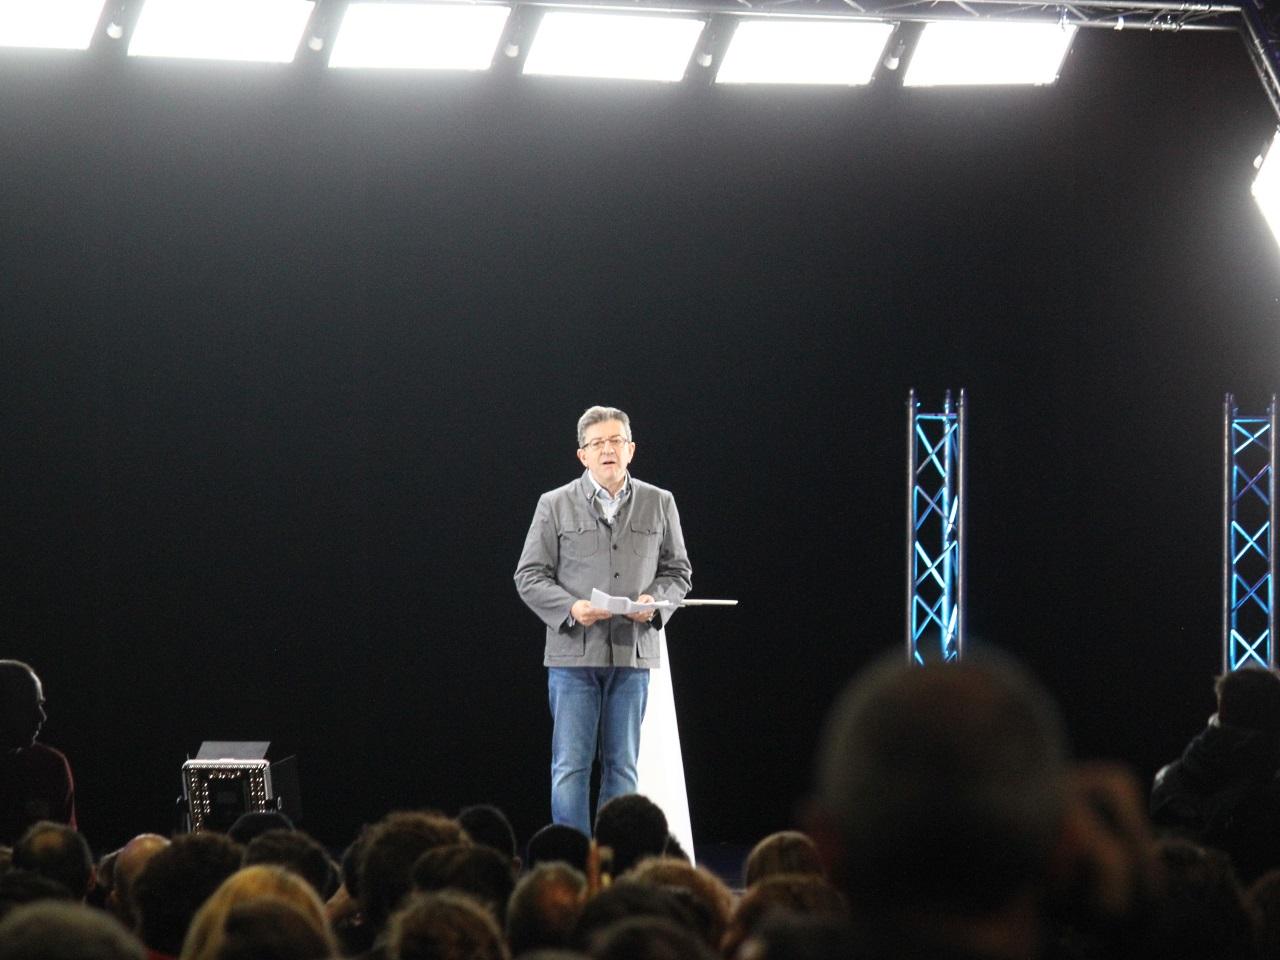 Le dispositif pour l'hologramme - LyonMag